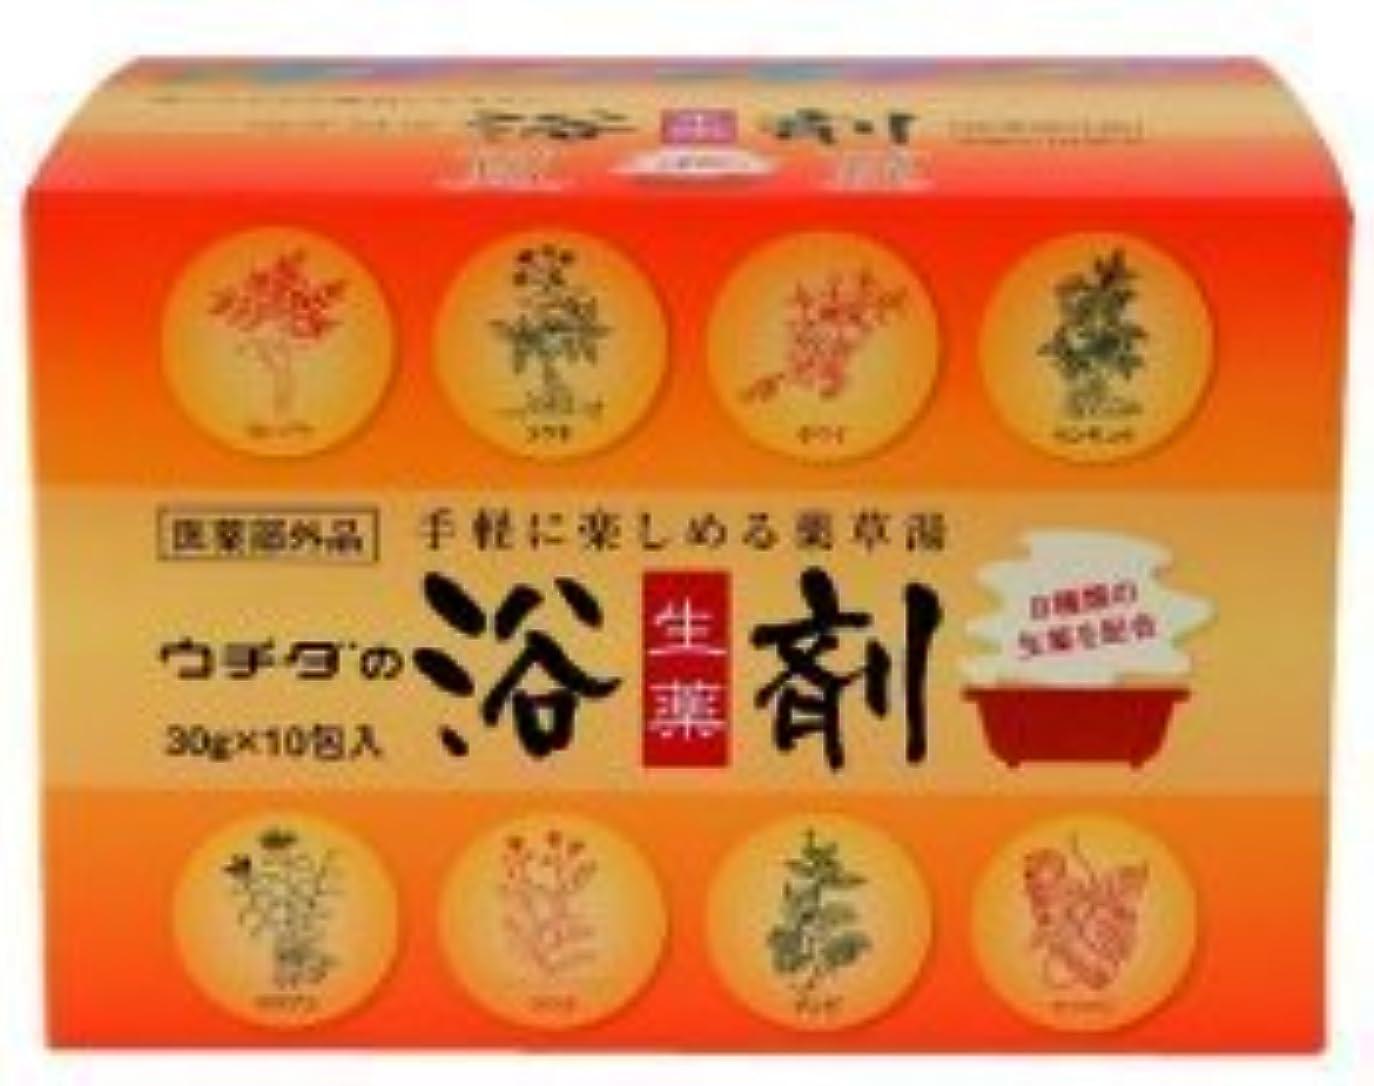 グレーチャールズキージングフルート〔ウチダ和漢薬〕ウチダの浴剤(30g×10包入)×2個セット+1包おまけ